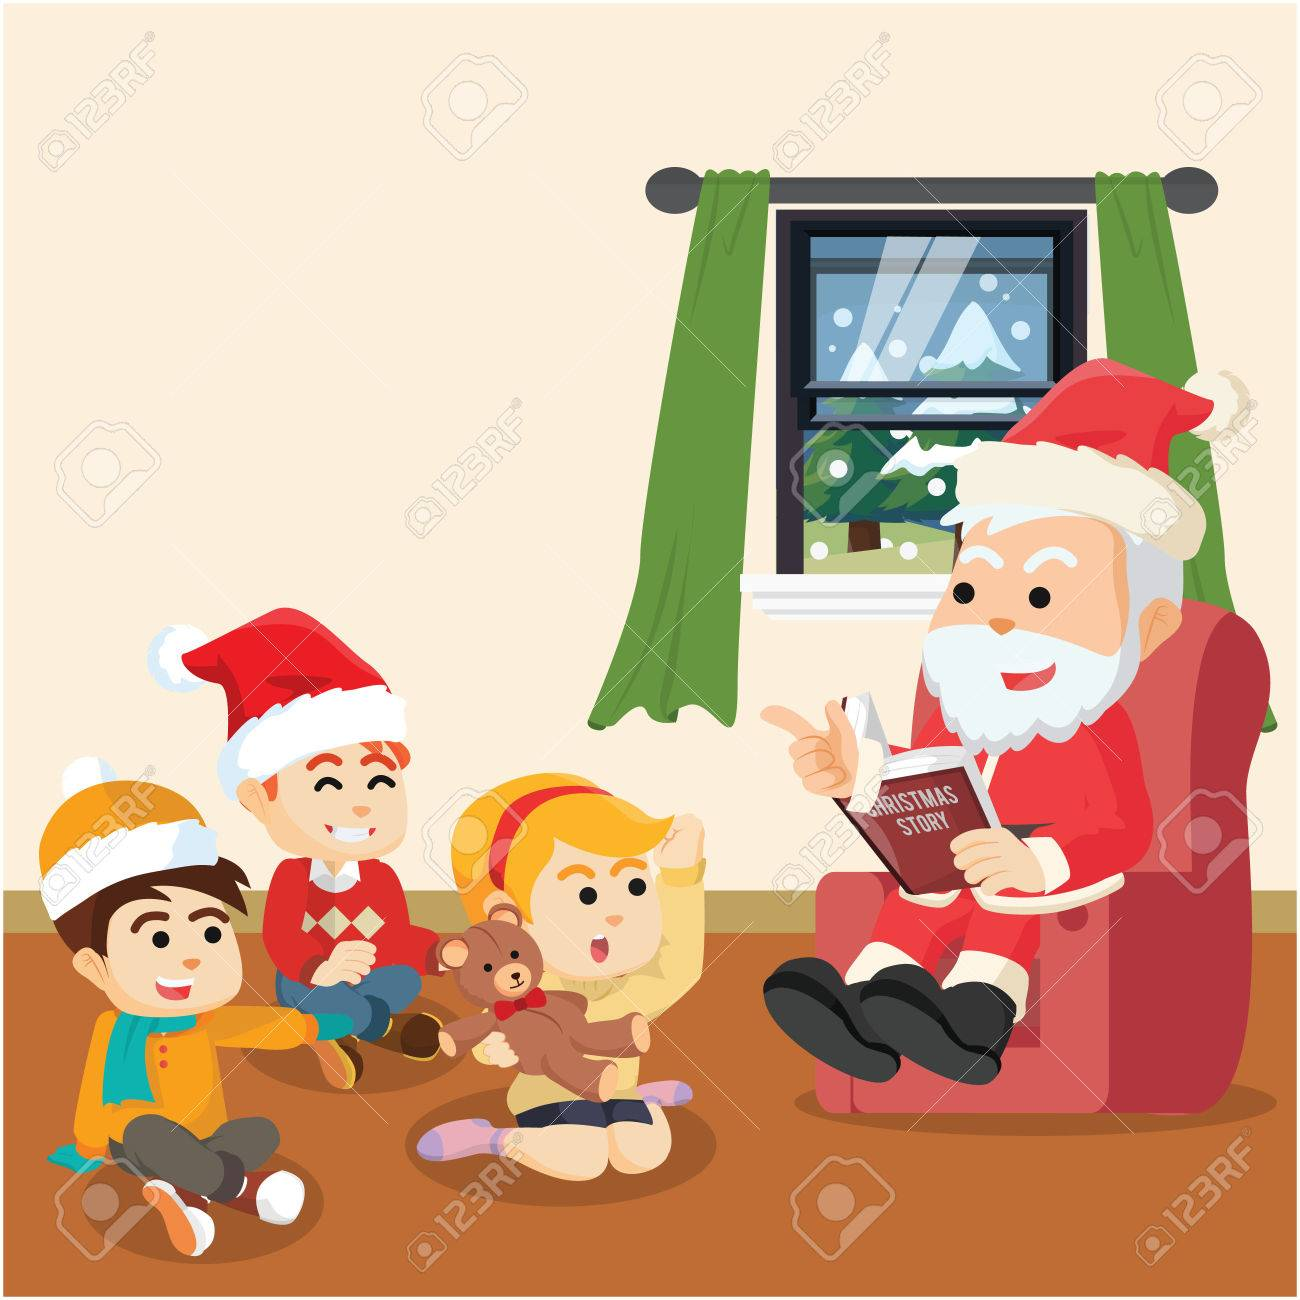 Christmas Story For Kids.Santa Telling Christmas Story For Kids